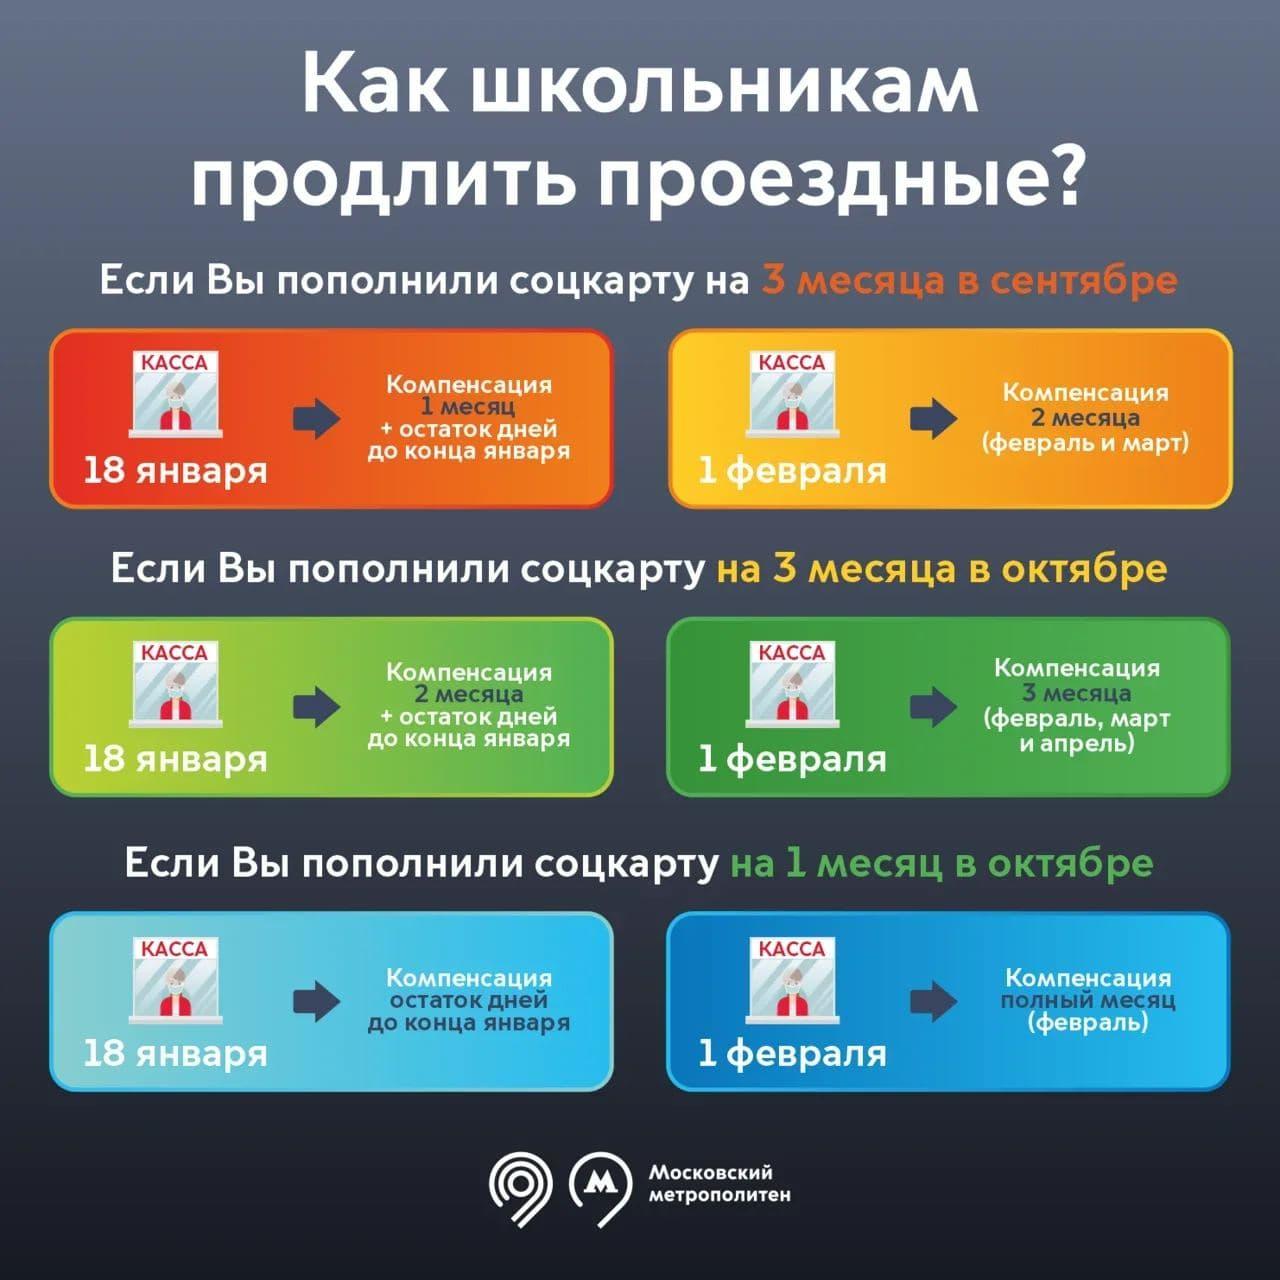 Школьники Москвы смогут продлить проездные билеты